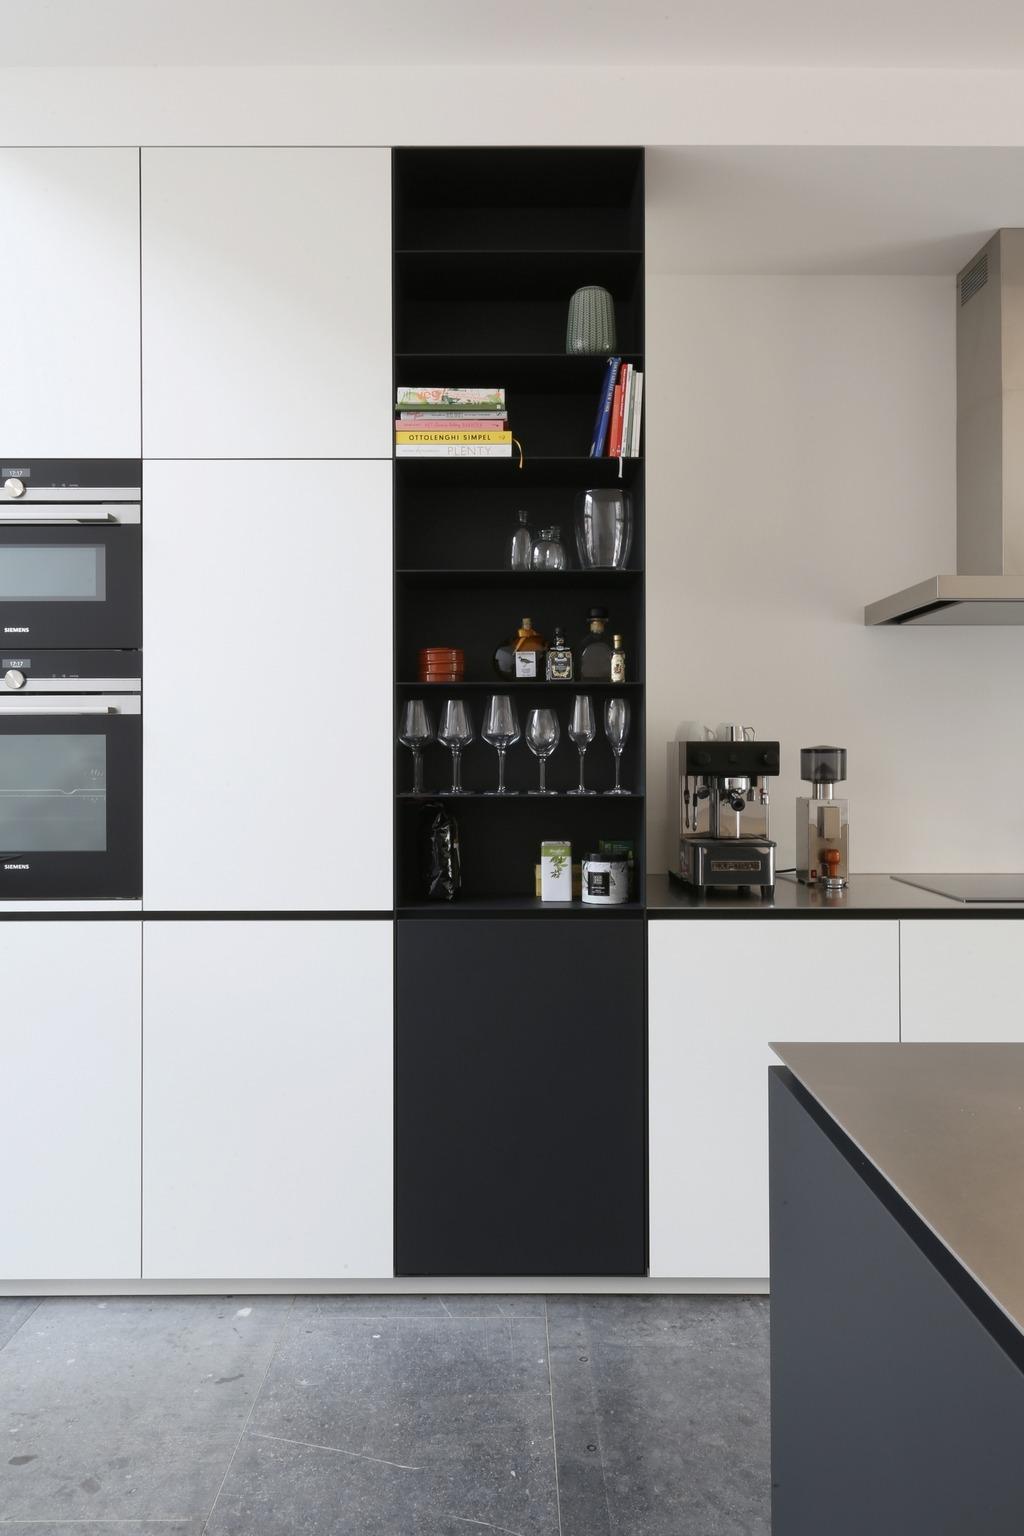 Keuken met antraciet zwart gepoederlakte/gepoedercoate stalen vakkenkast en richtingloos geschuurd RVS werkblad. Kasten van berkenmultiplex voorzien van HPL.